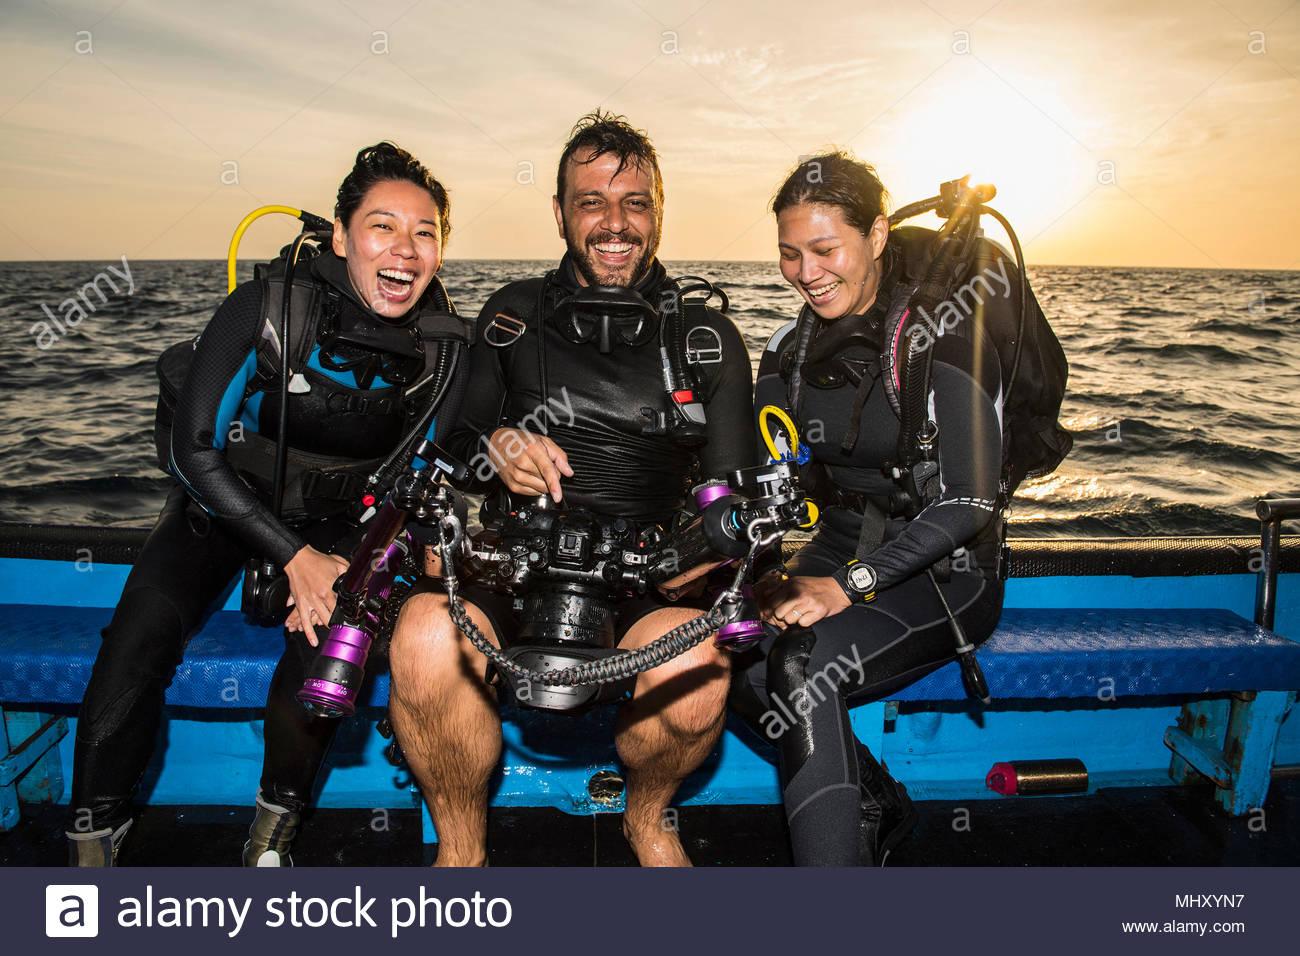 Amici guardando le immagini sulla fotocamera subacquea dopo immersione, il Parco Naturale di Tubbataha Reef, Mare di Sulu, Filippine Immagini Stock